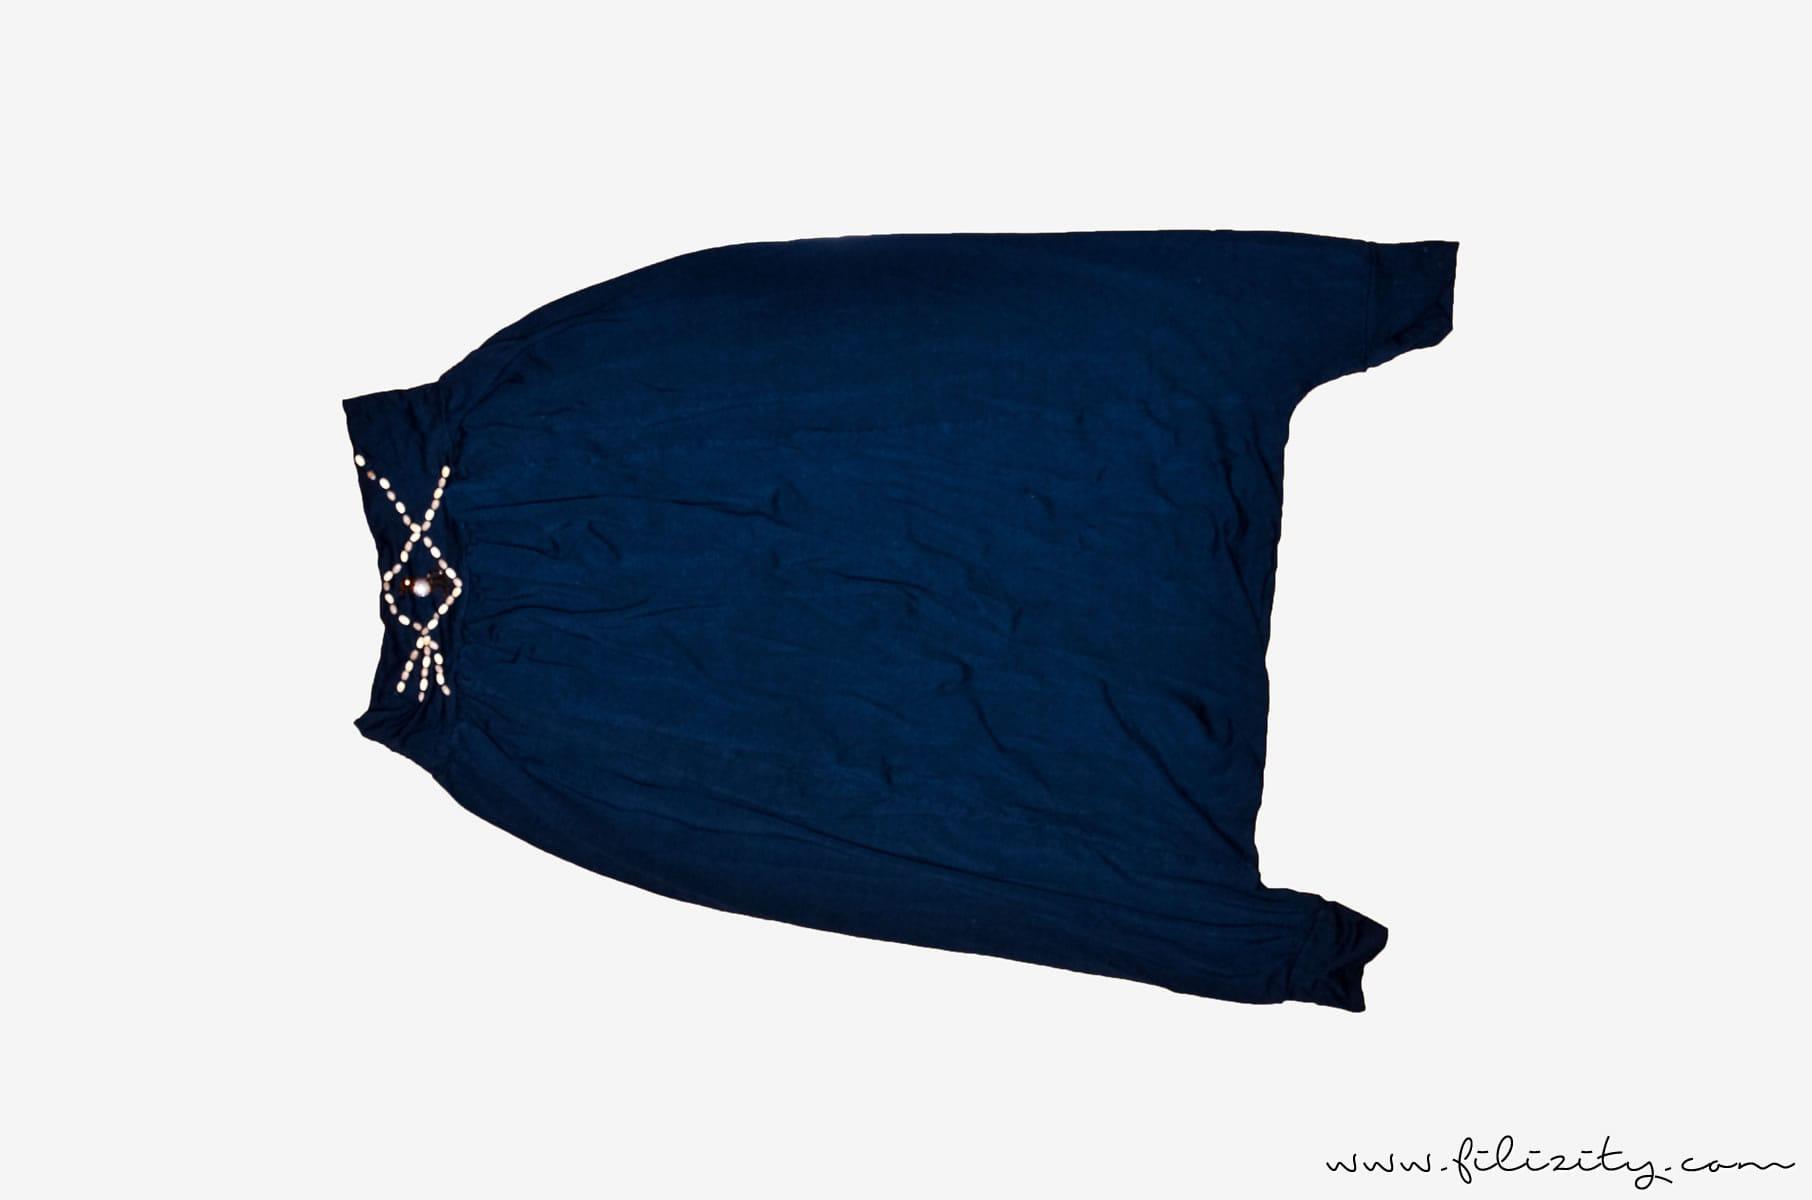 Refashion: Sommerkleid aus Shalwar-Hose nähen | Filizity.com | DIY-Blog aus Koblenz #refashion